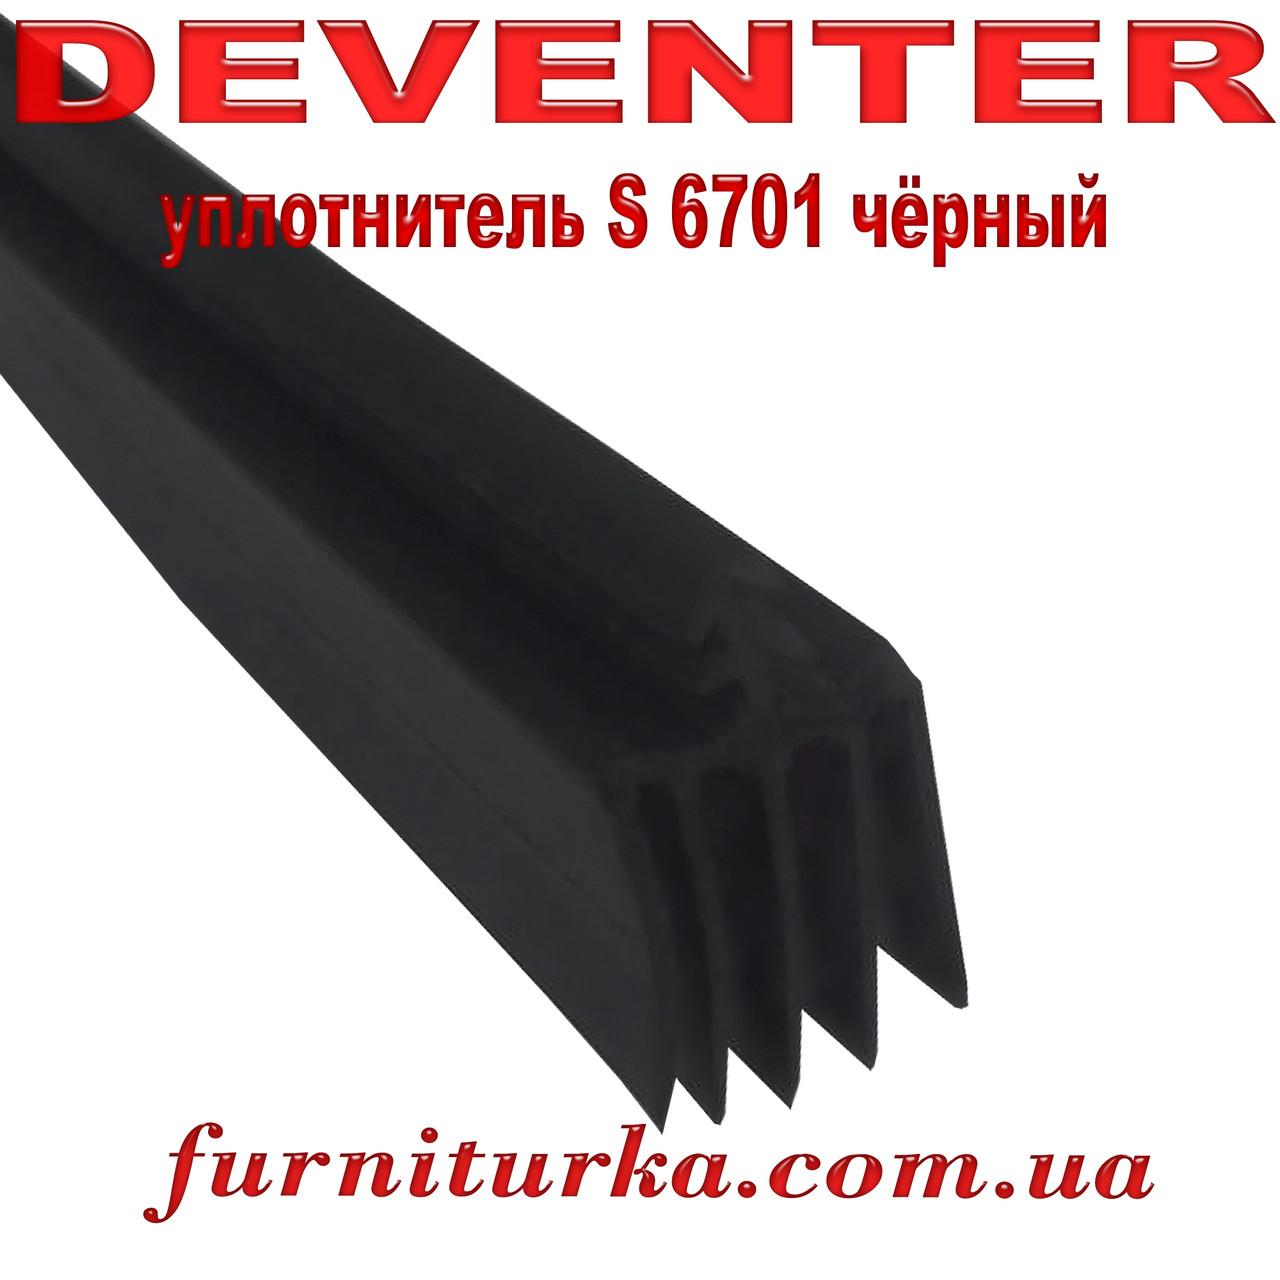 Уплотнитель DEVENTER в паз S 6701 пороговый